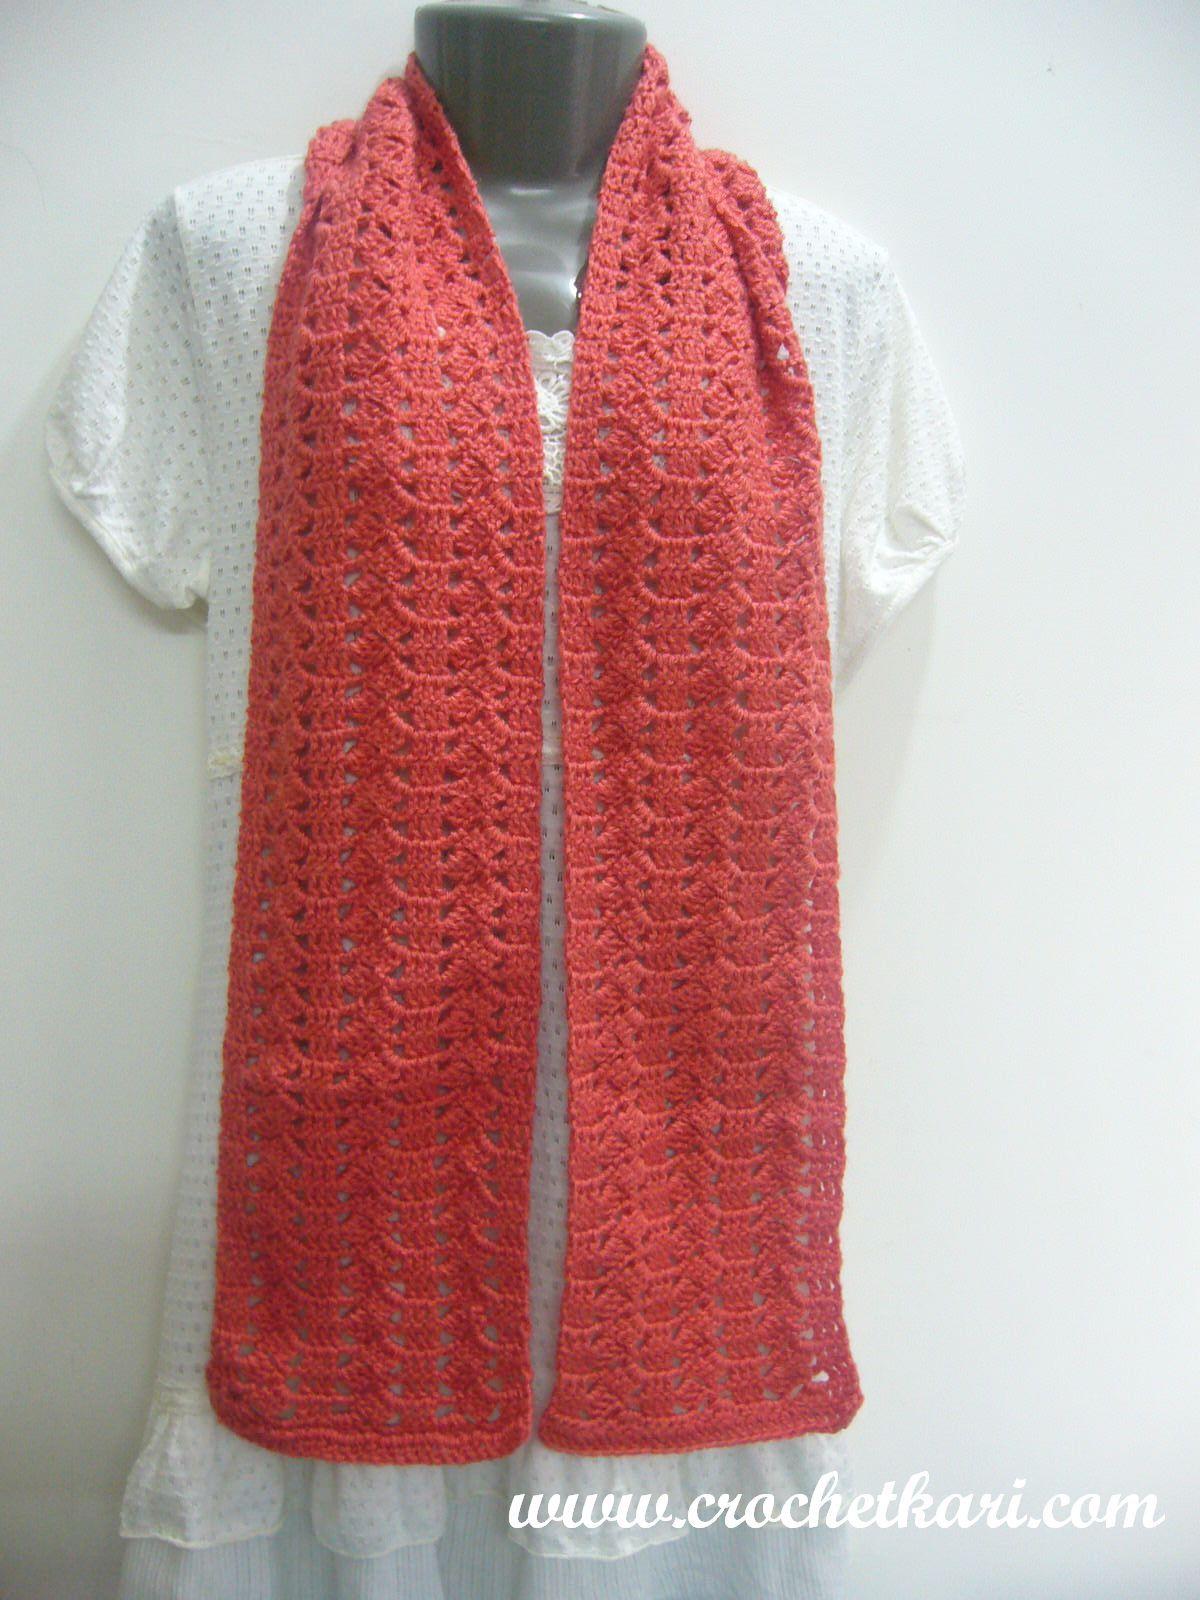 Crochetkari: Free Crochet Pattern - Slant n Stripe Scarf   HATS ...